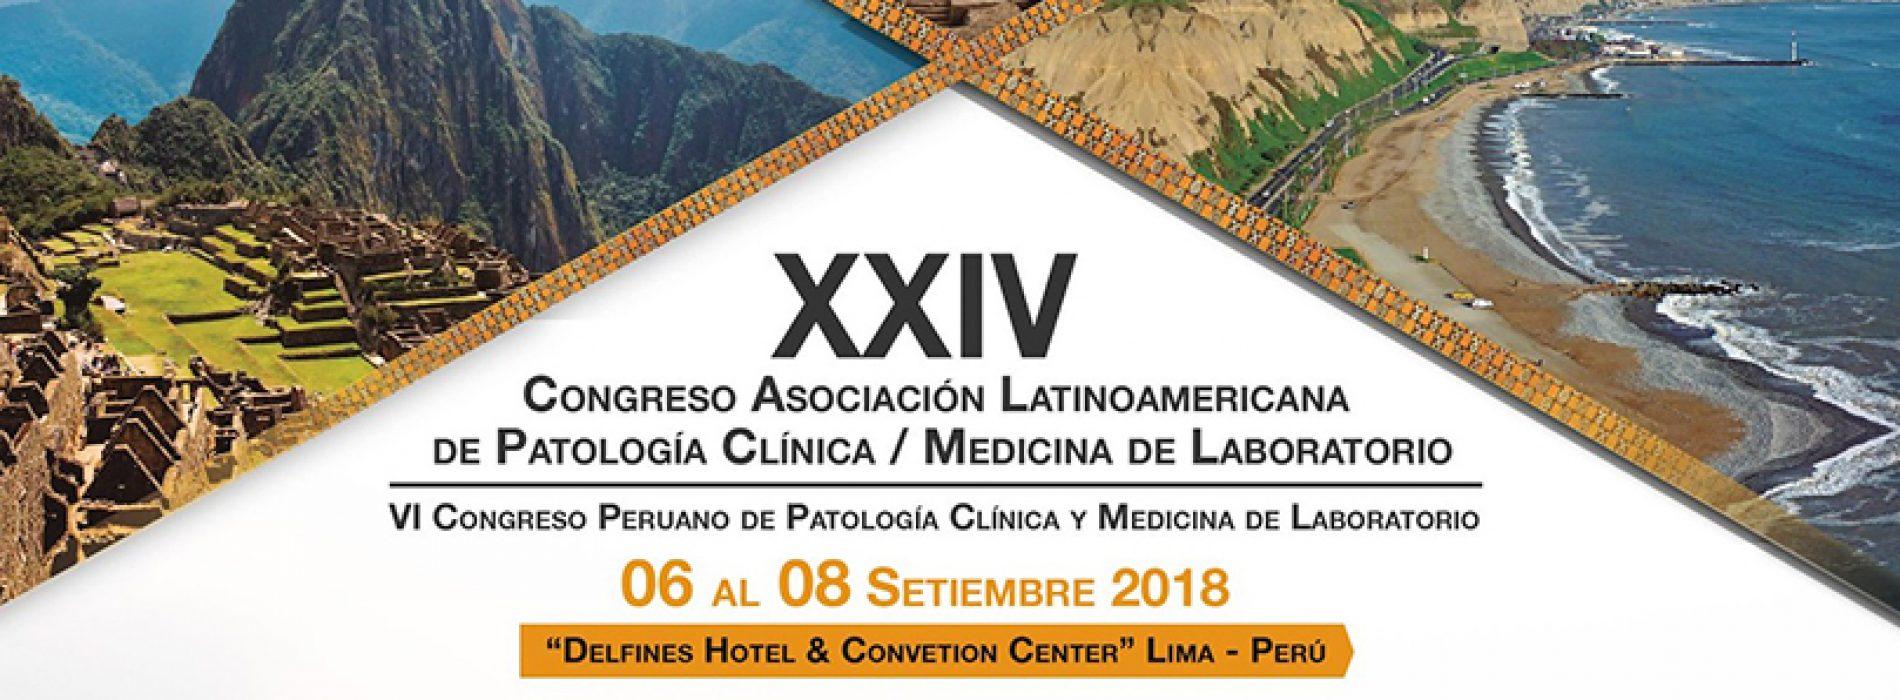 XXIV Congreso Asociación Latinoamericana de Patología Clínica y Medicina de Laboratorio 2018